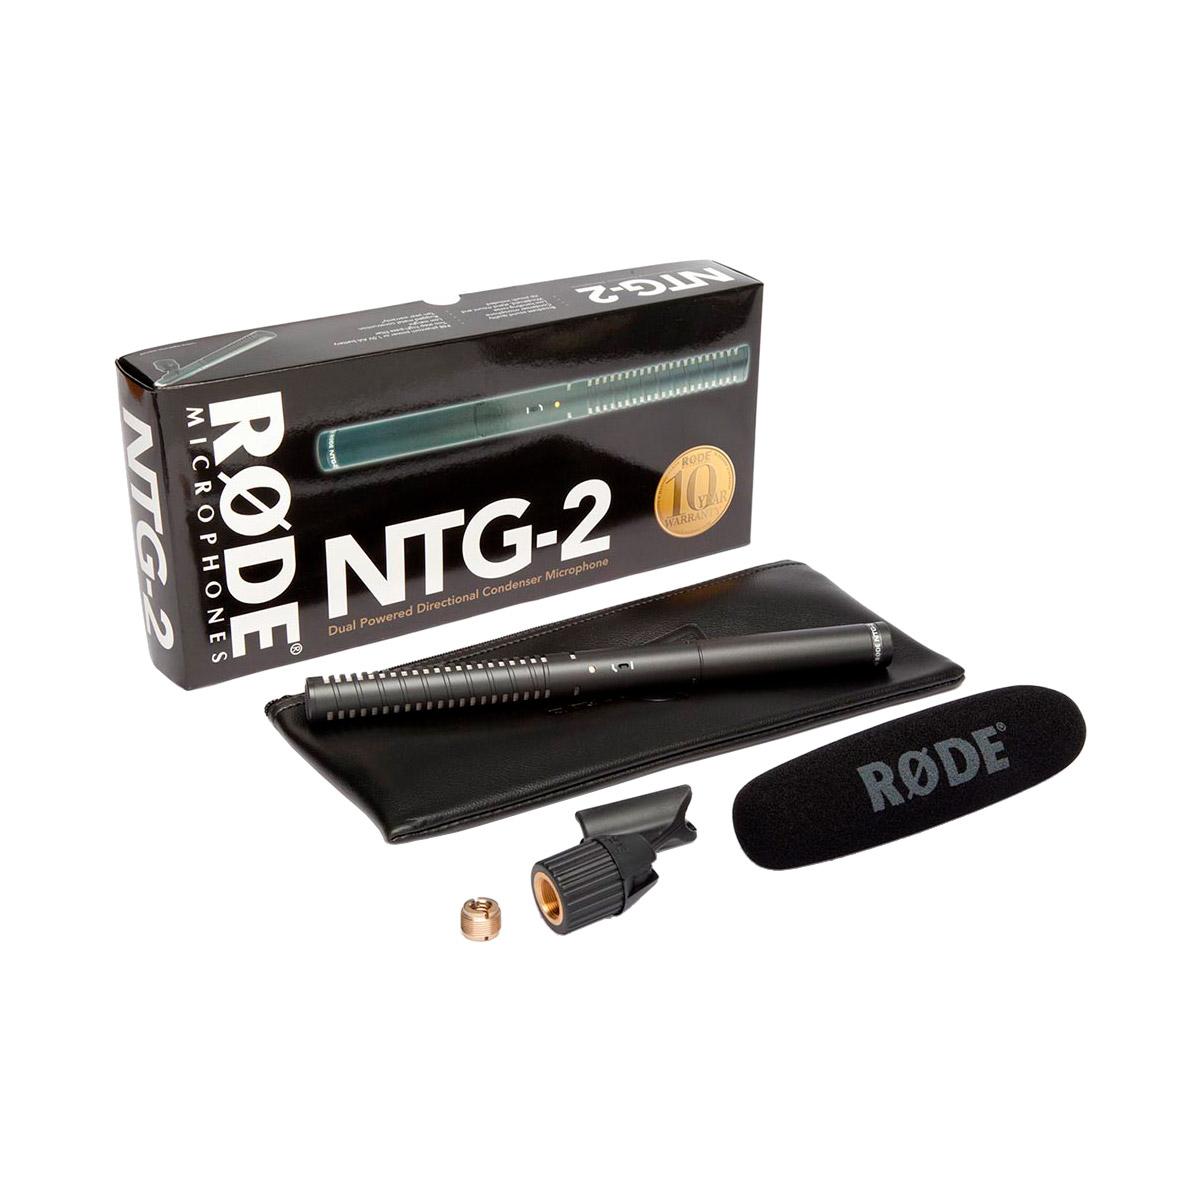 NTG-2